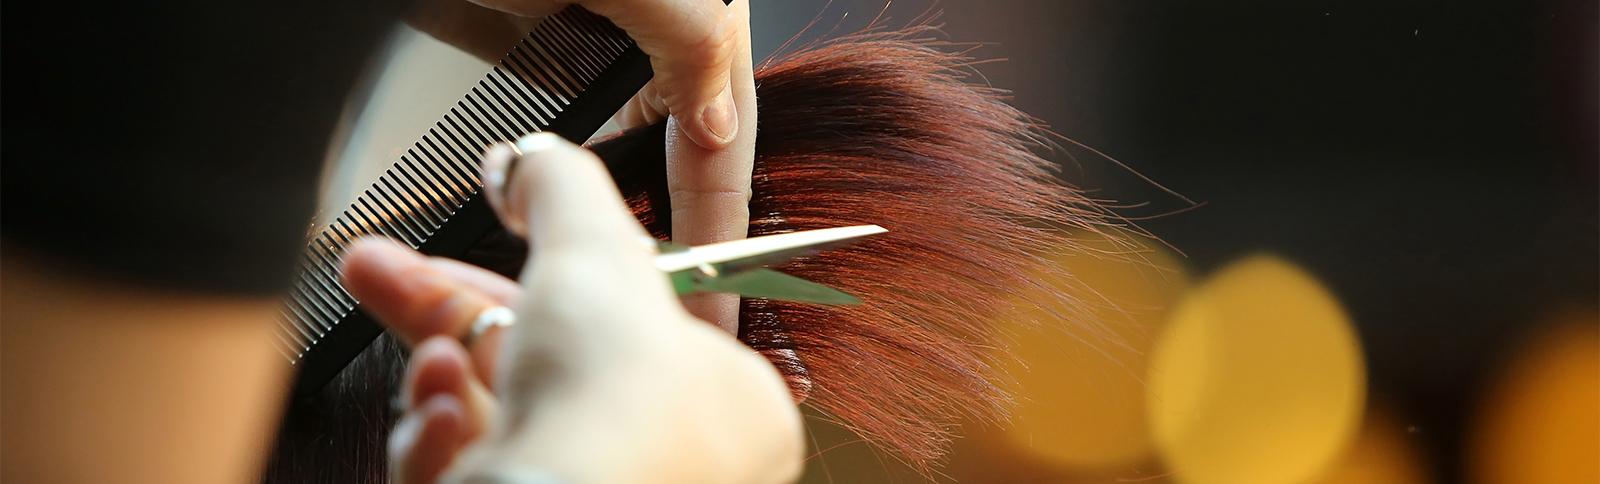 収入はどのぐらい? 業務委託で働く美容師が増えている理由